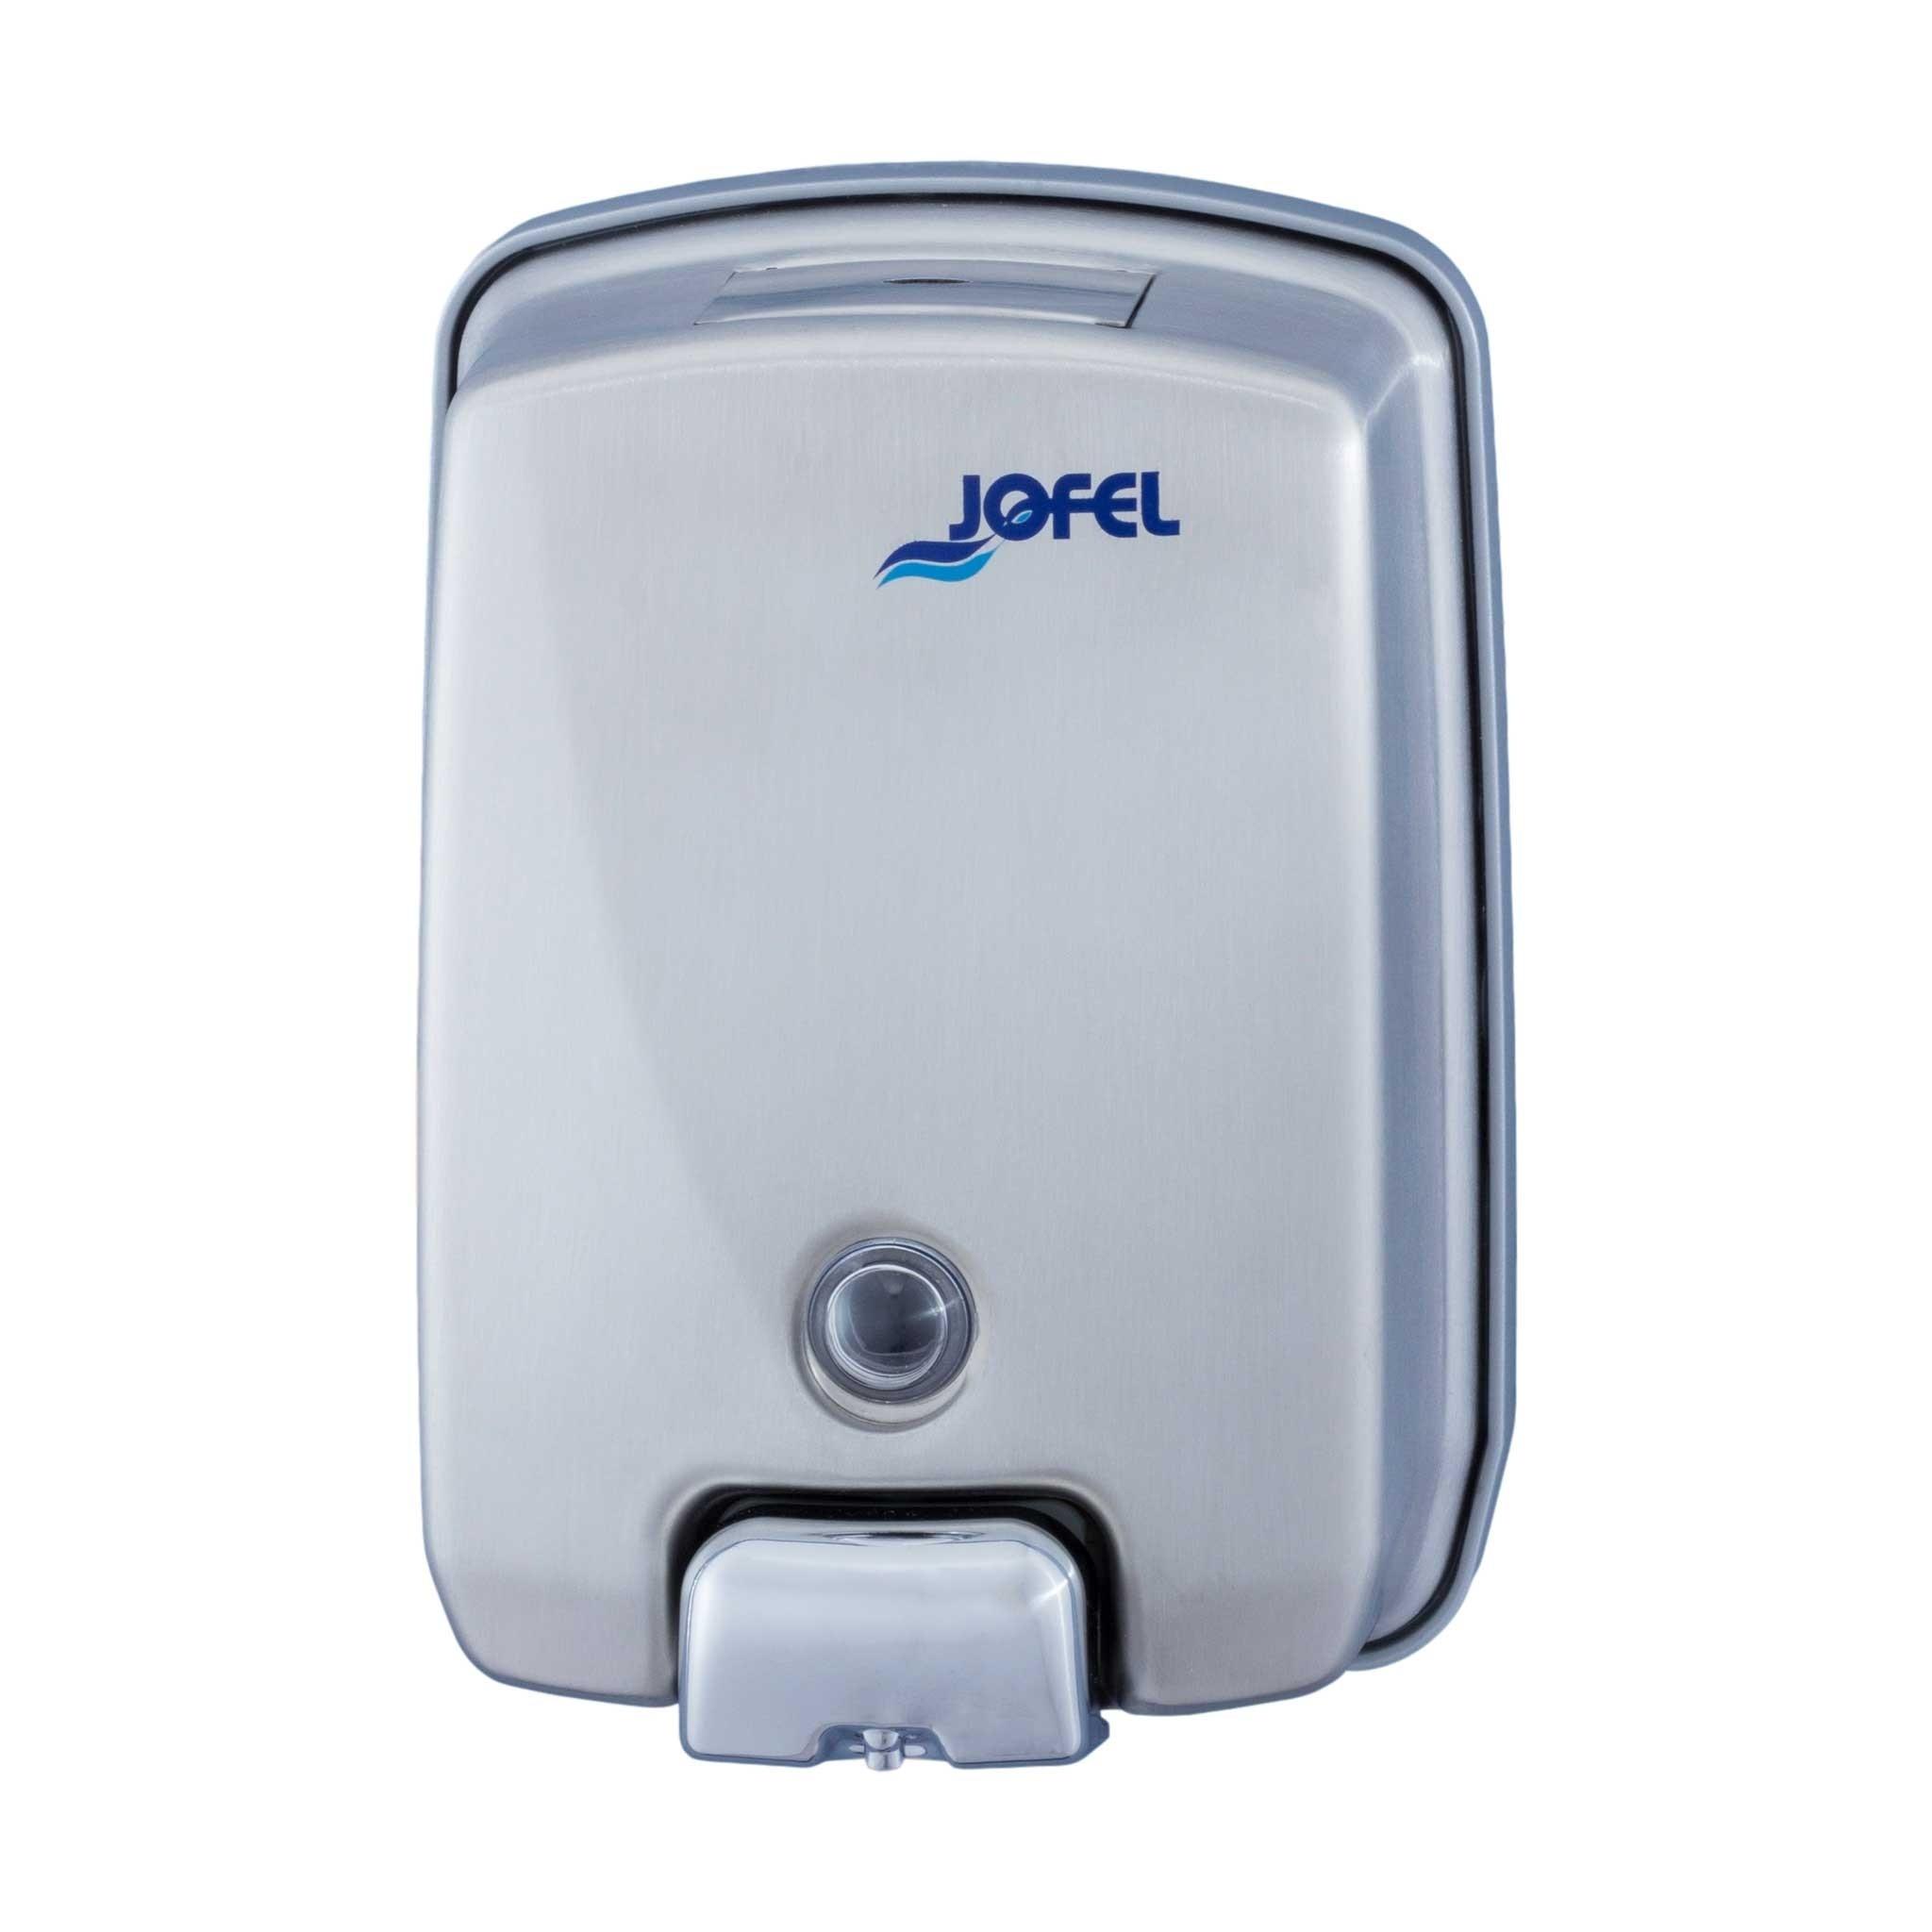 Μεταλλική σαπουνοθήκη Jofel Futura Satin inox AC54000